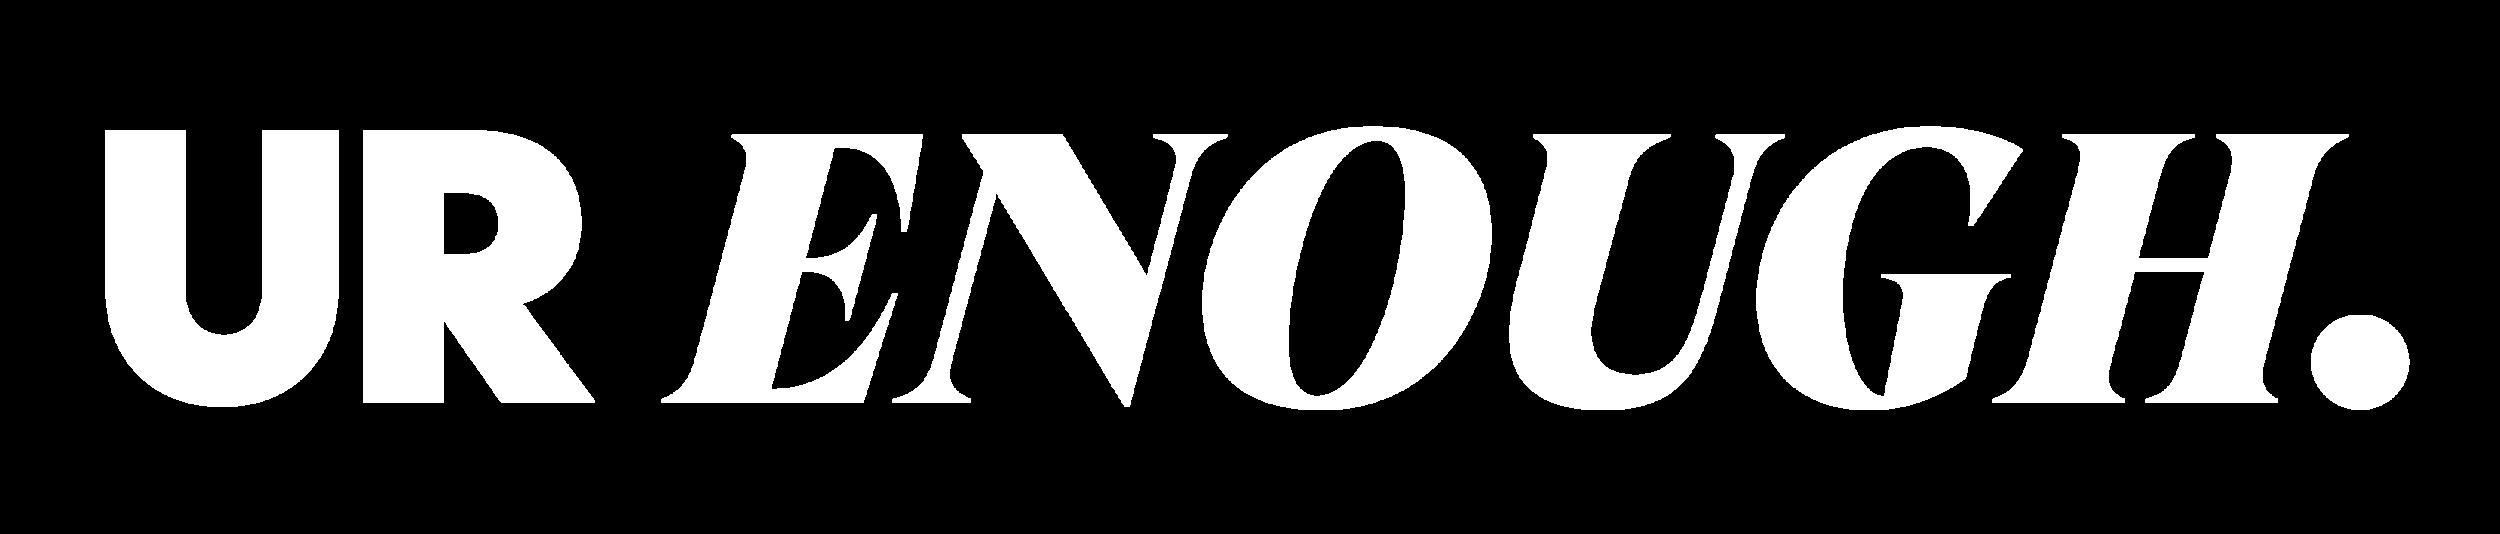 UR ENOUGH_logo_Inline_white.png